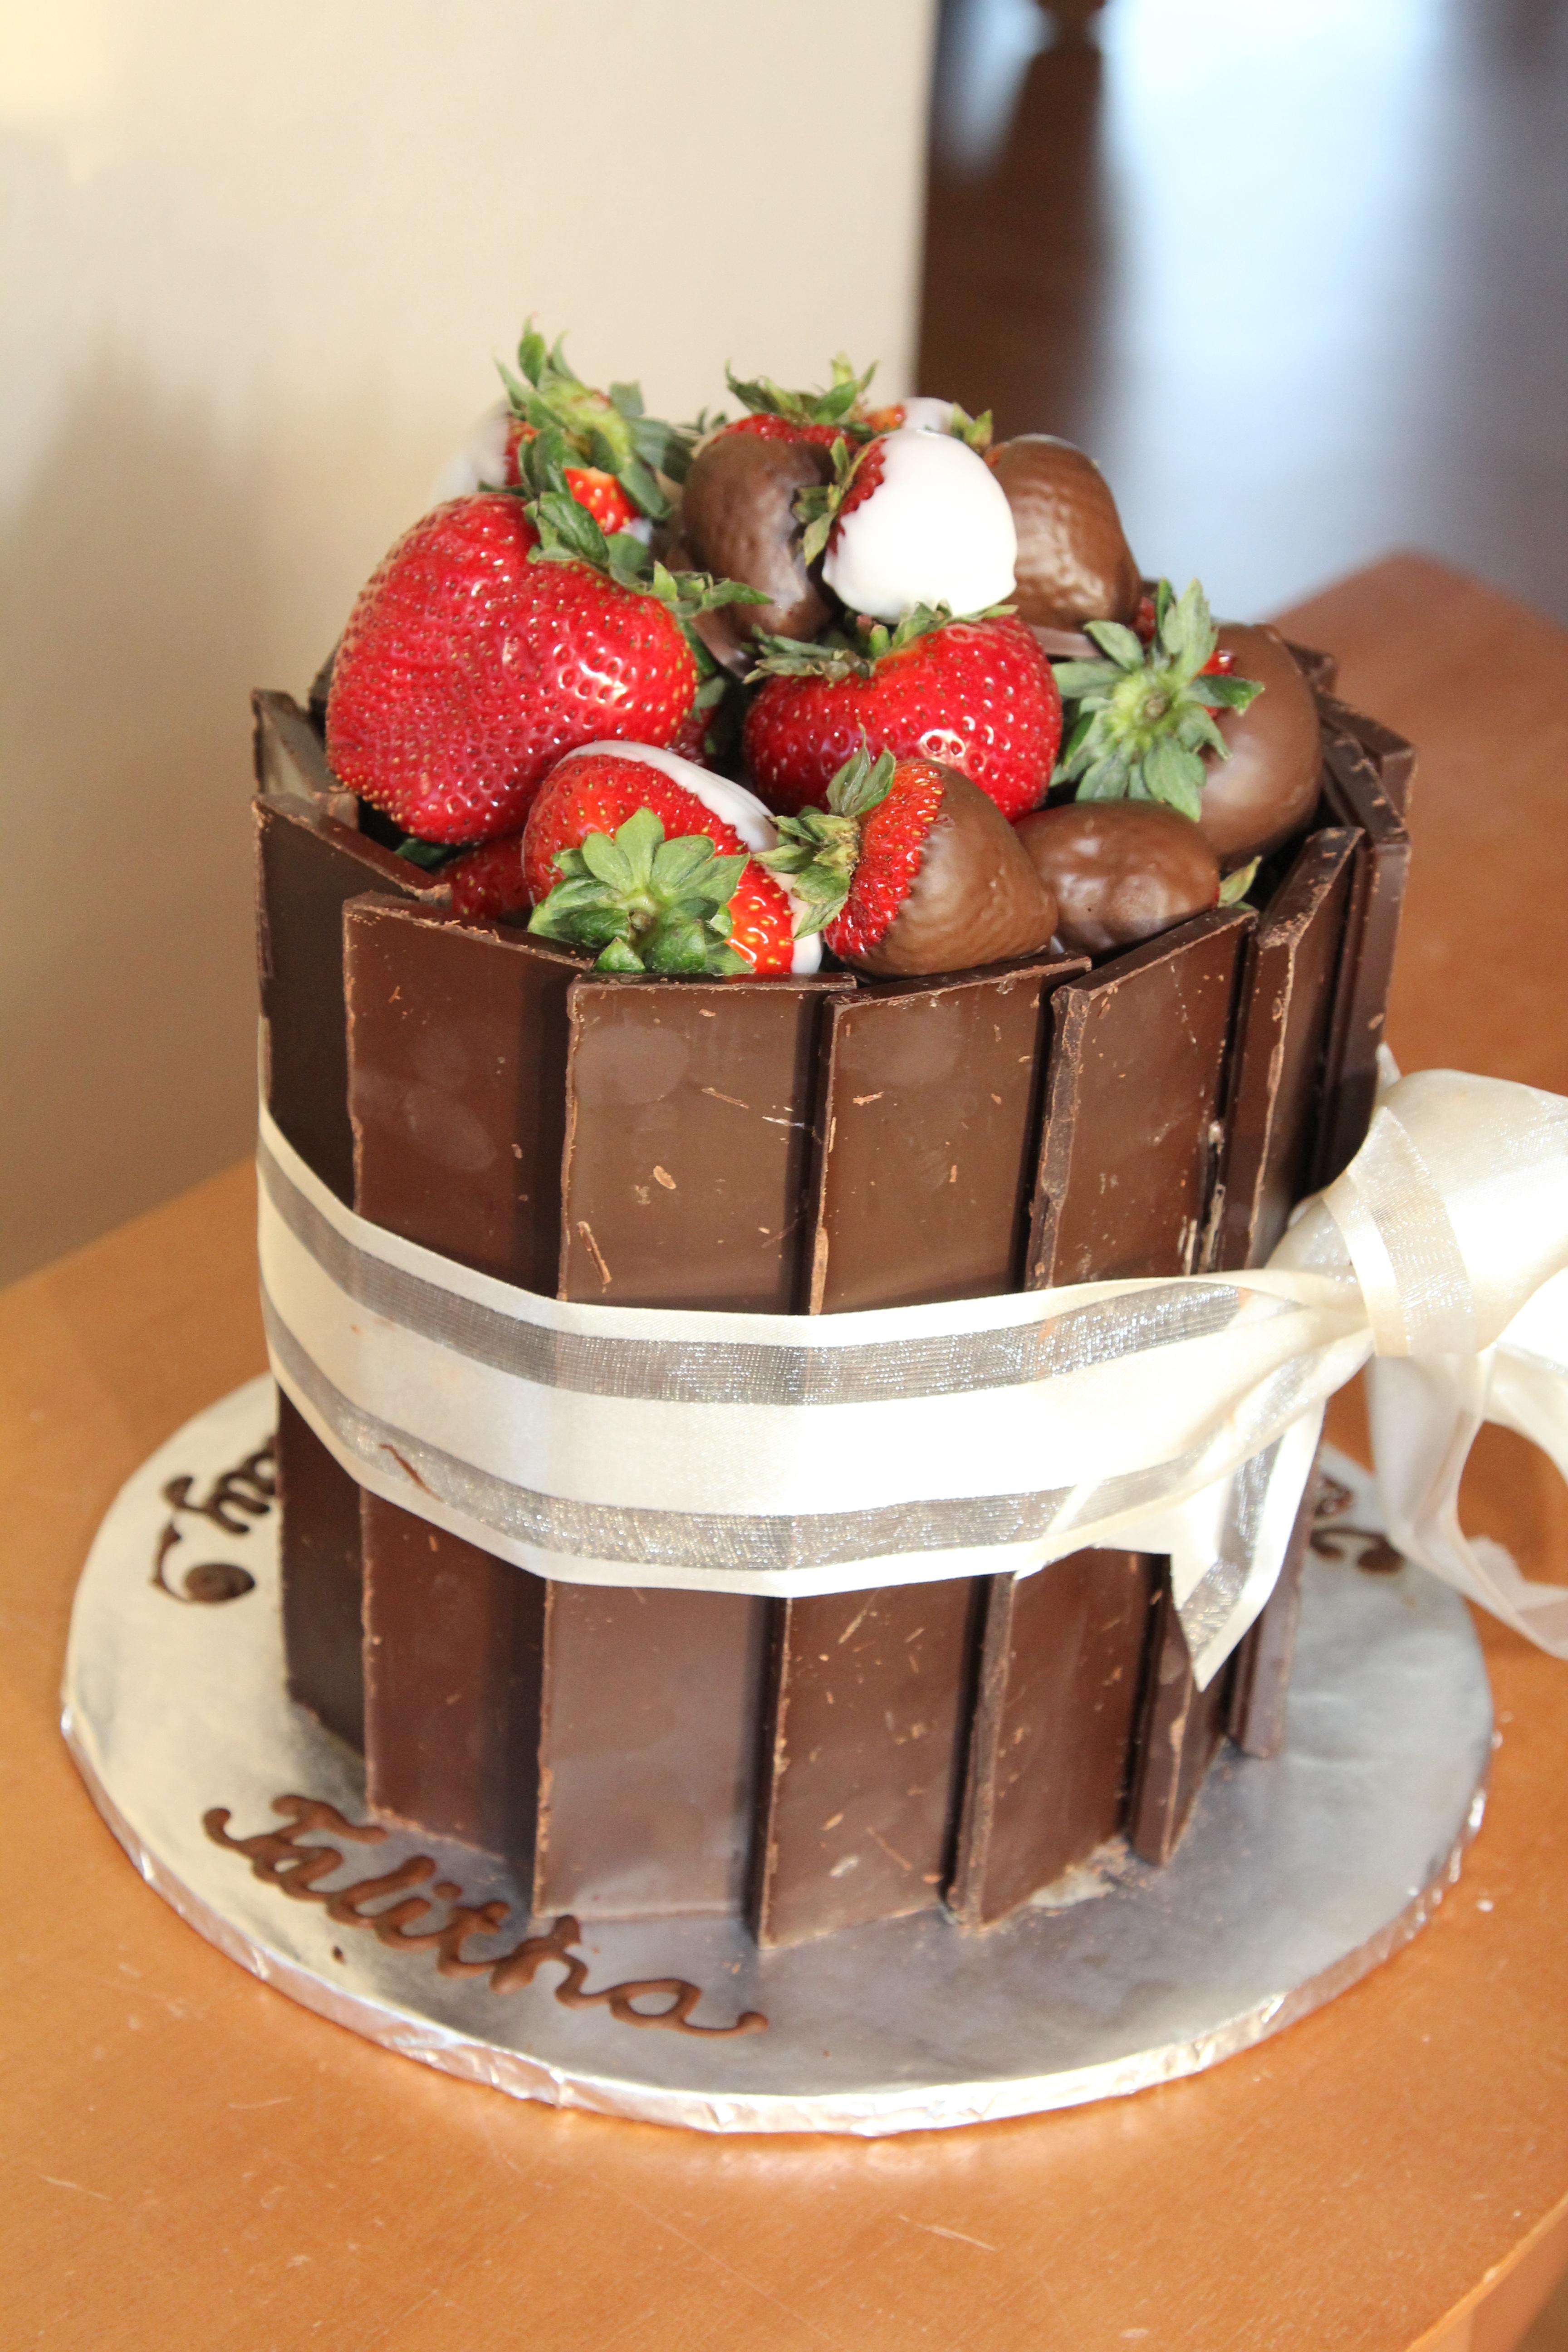 dulce celebracion comida produce chocolate postre boda cocina pastel pastel de cumpleaos pastel de chocolate azcar